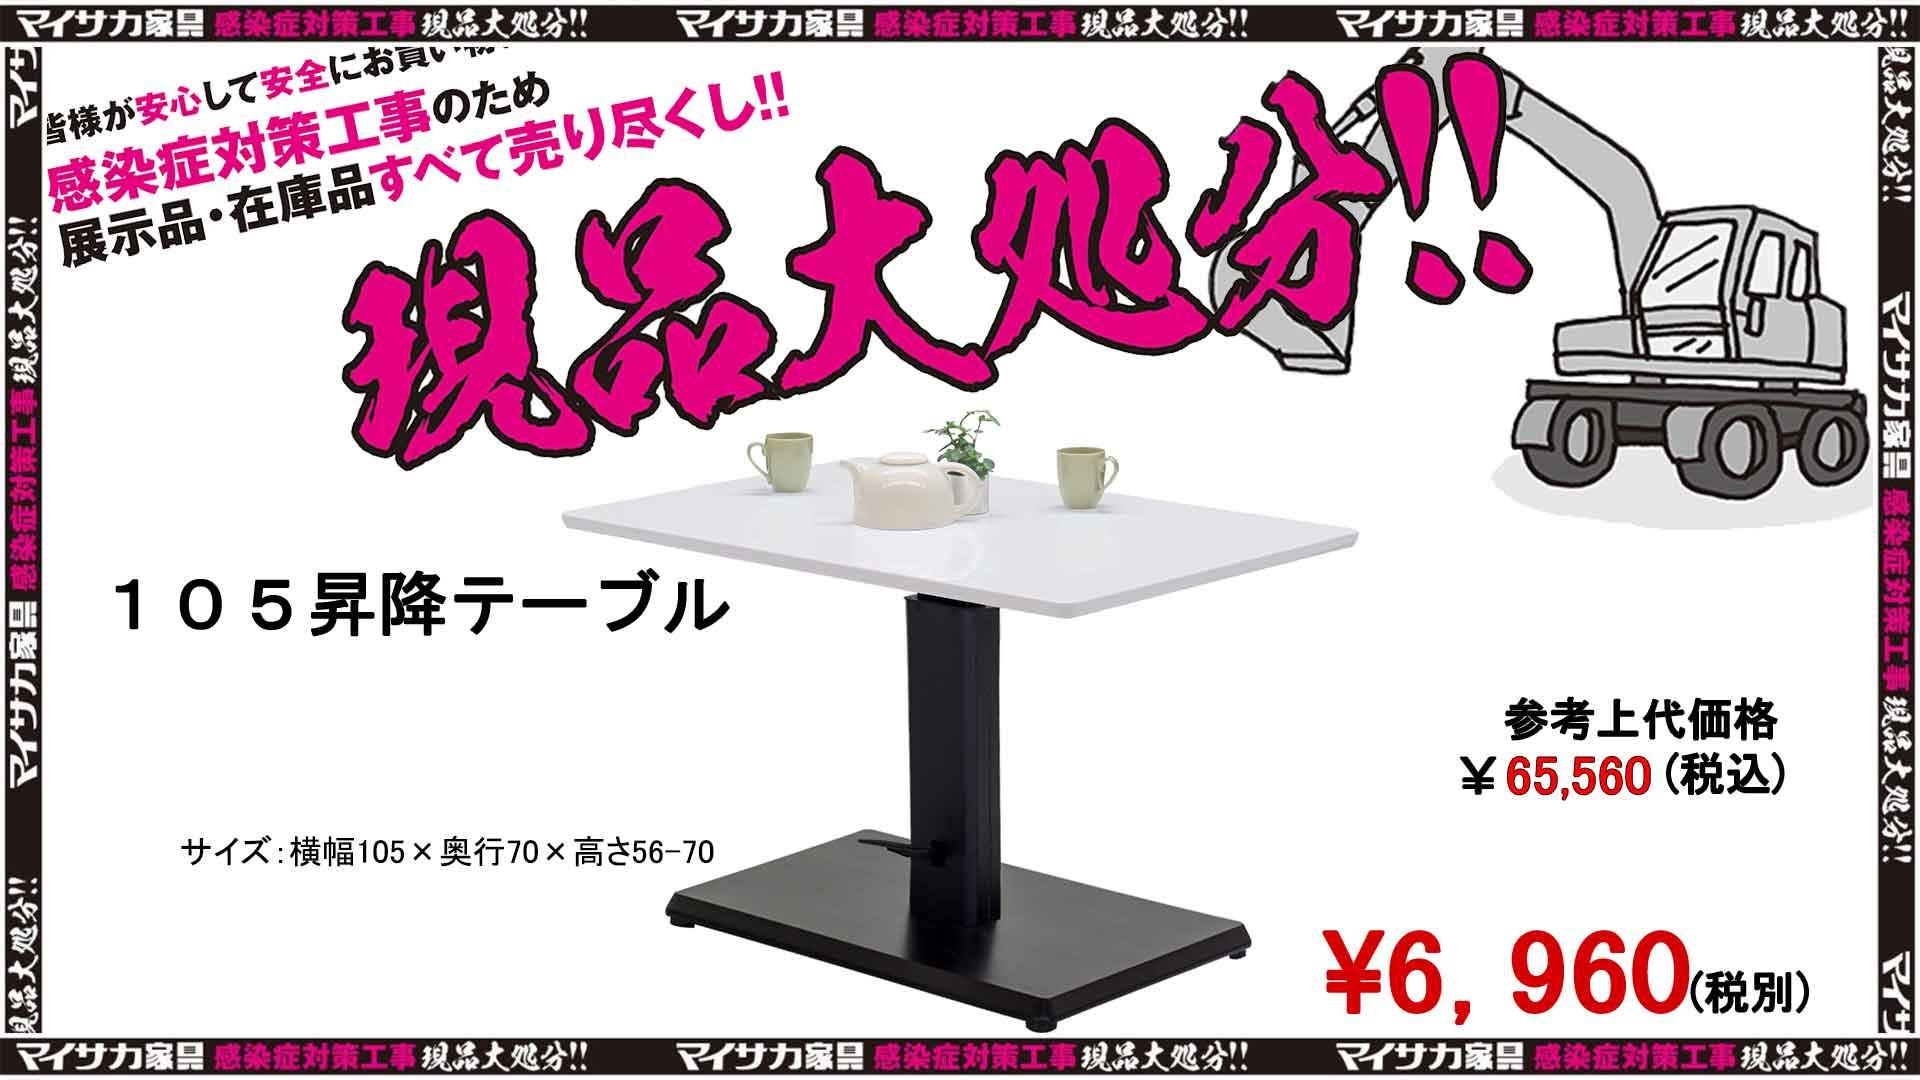 テーブルの高さが変わる昇降テーブル、二コルの特別価格の画像